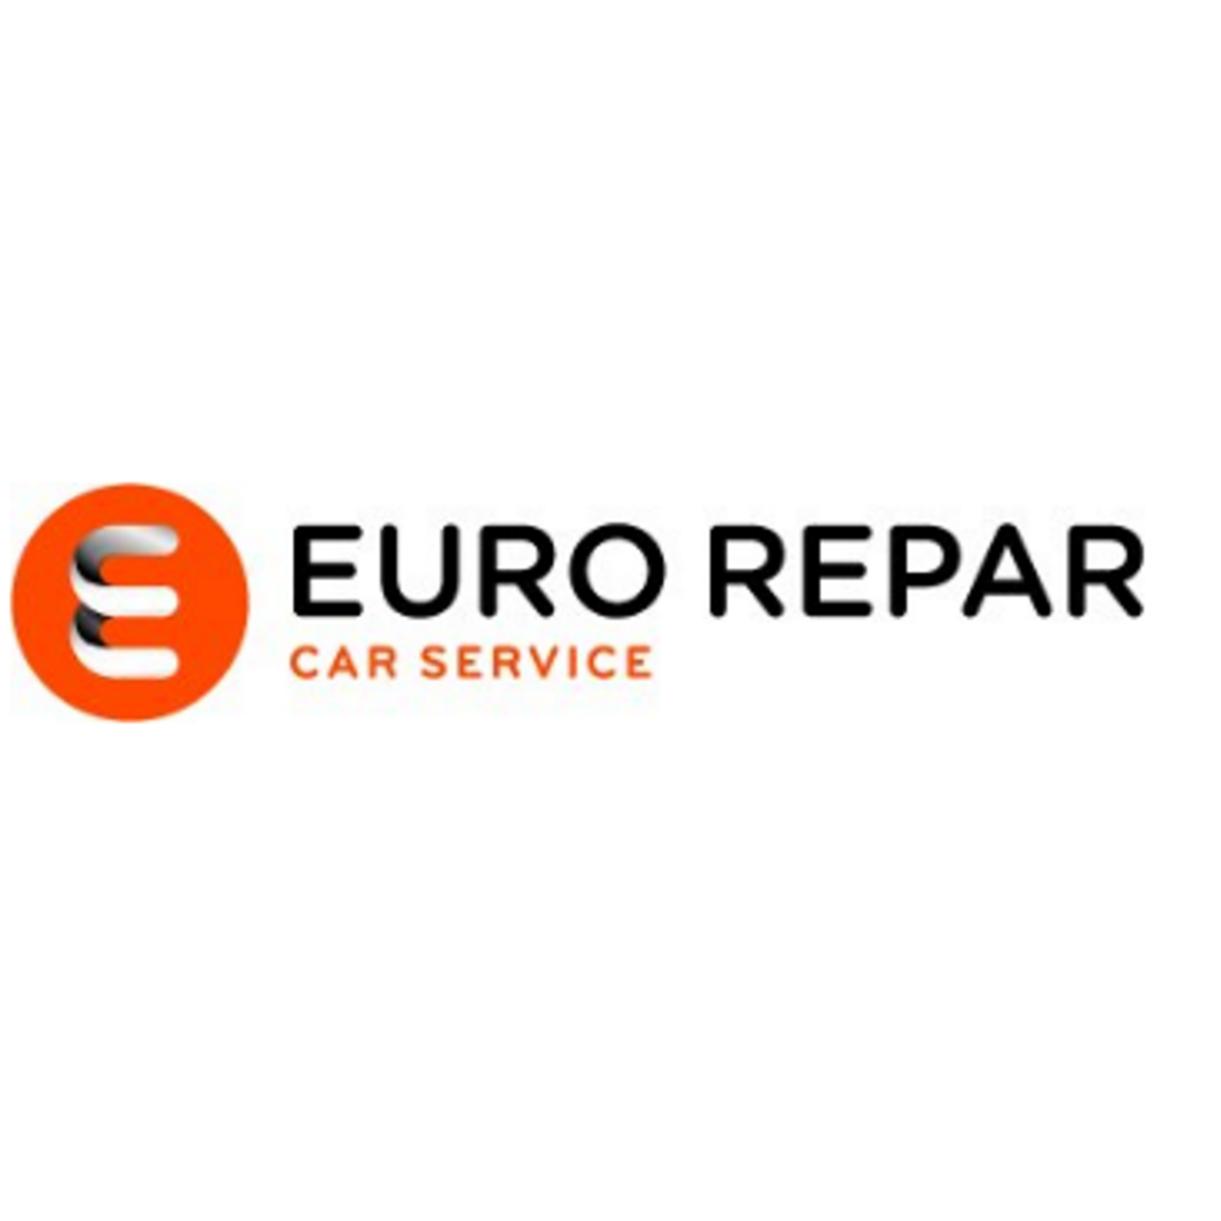 Bild zu Autohaus Winkler EURO Repar in Gelsenkirchen